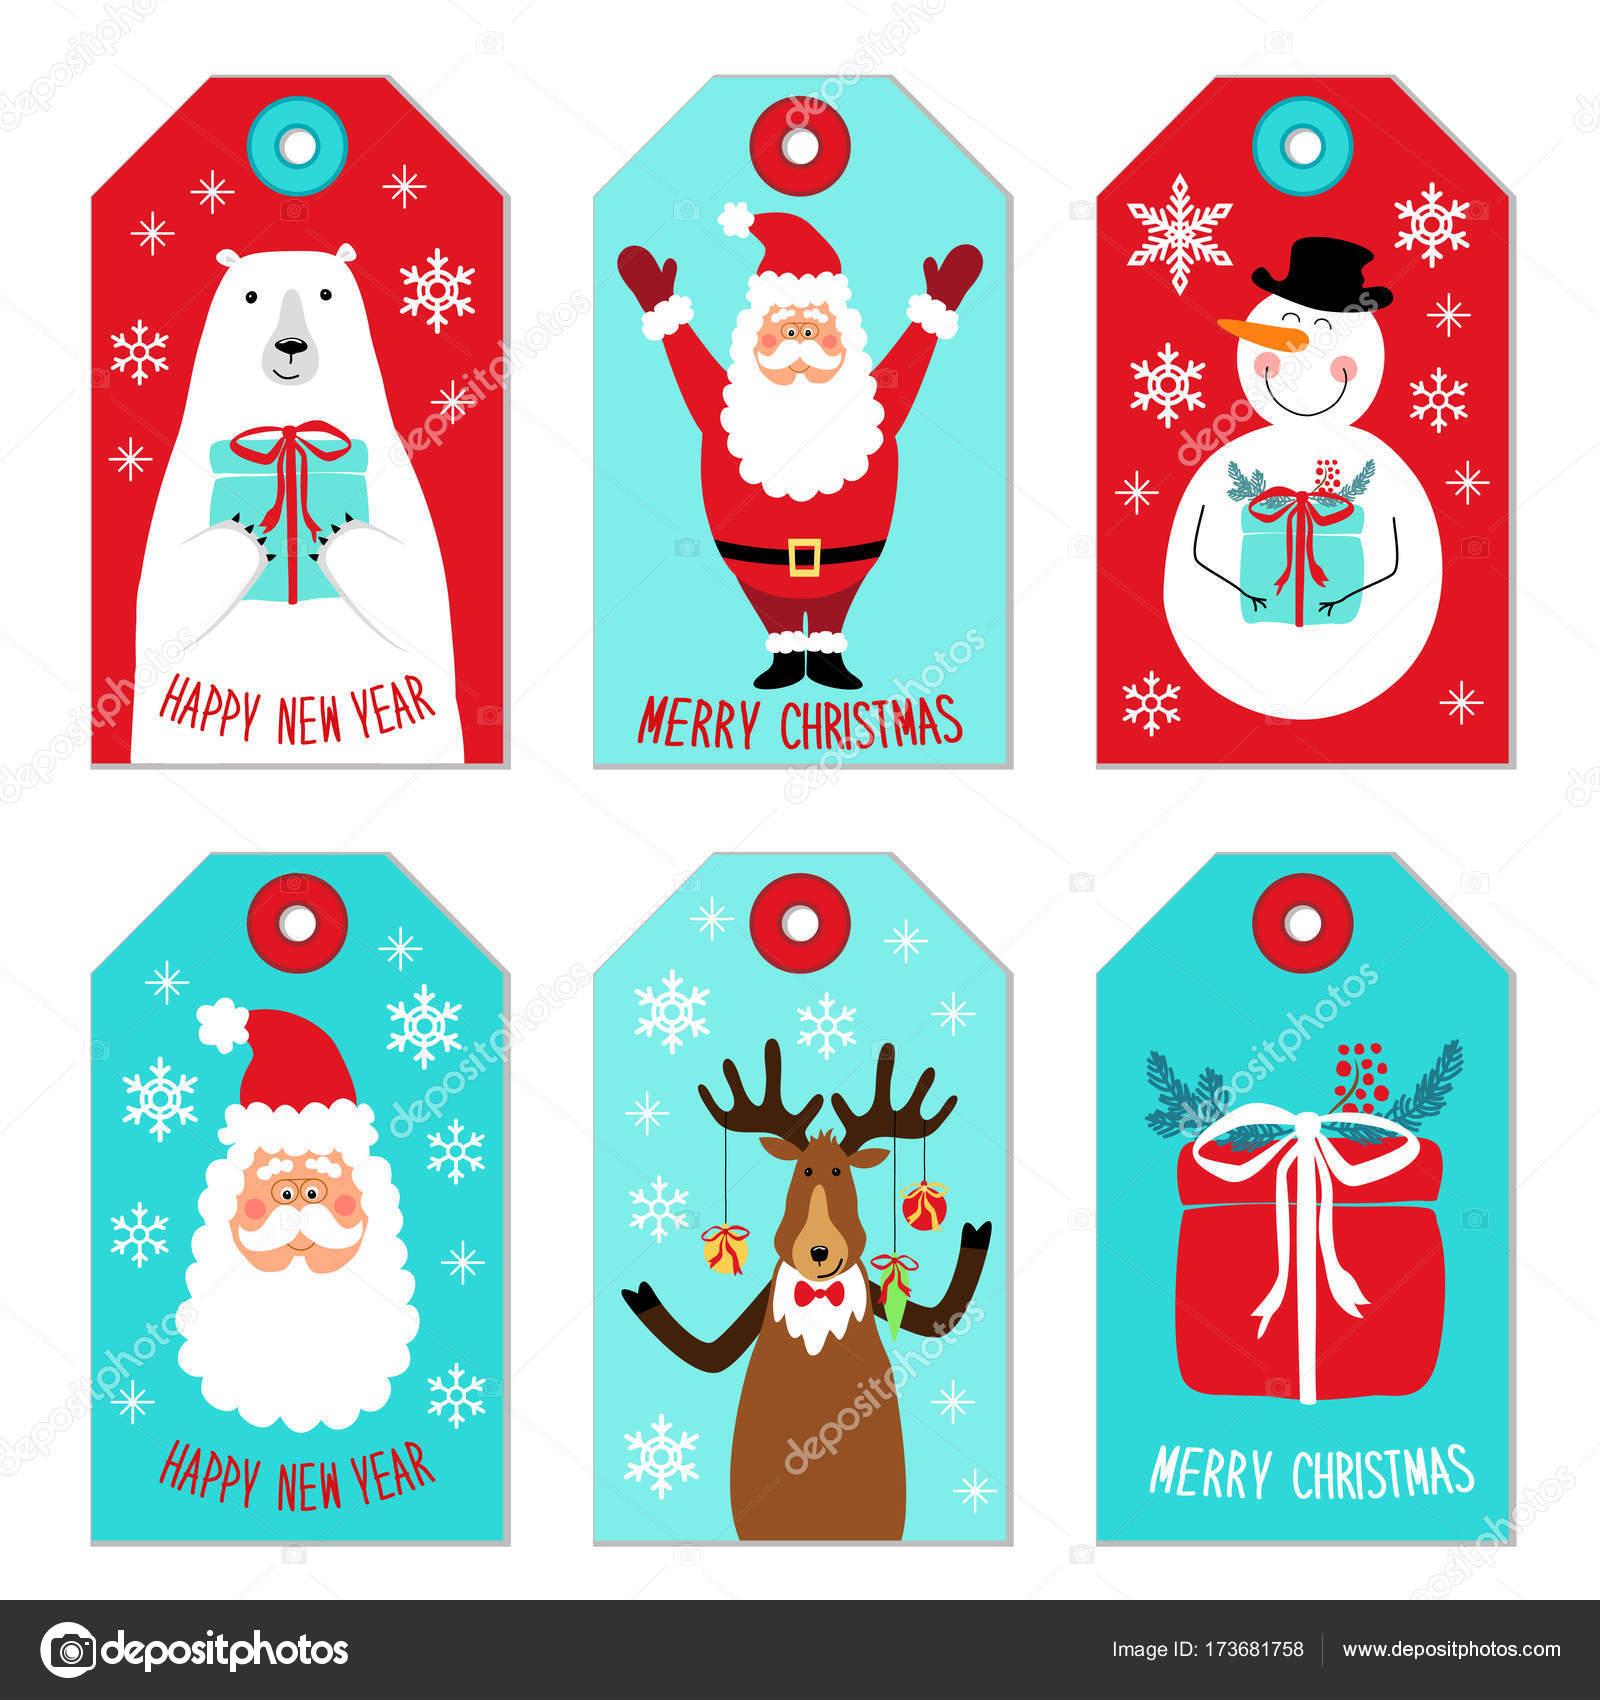 Bilder Comic Weihnachten.Süße Weihnachten Comic Figuren Weihnachtsmann Rentier Schneemann